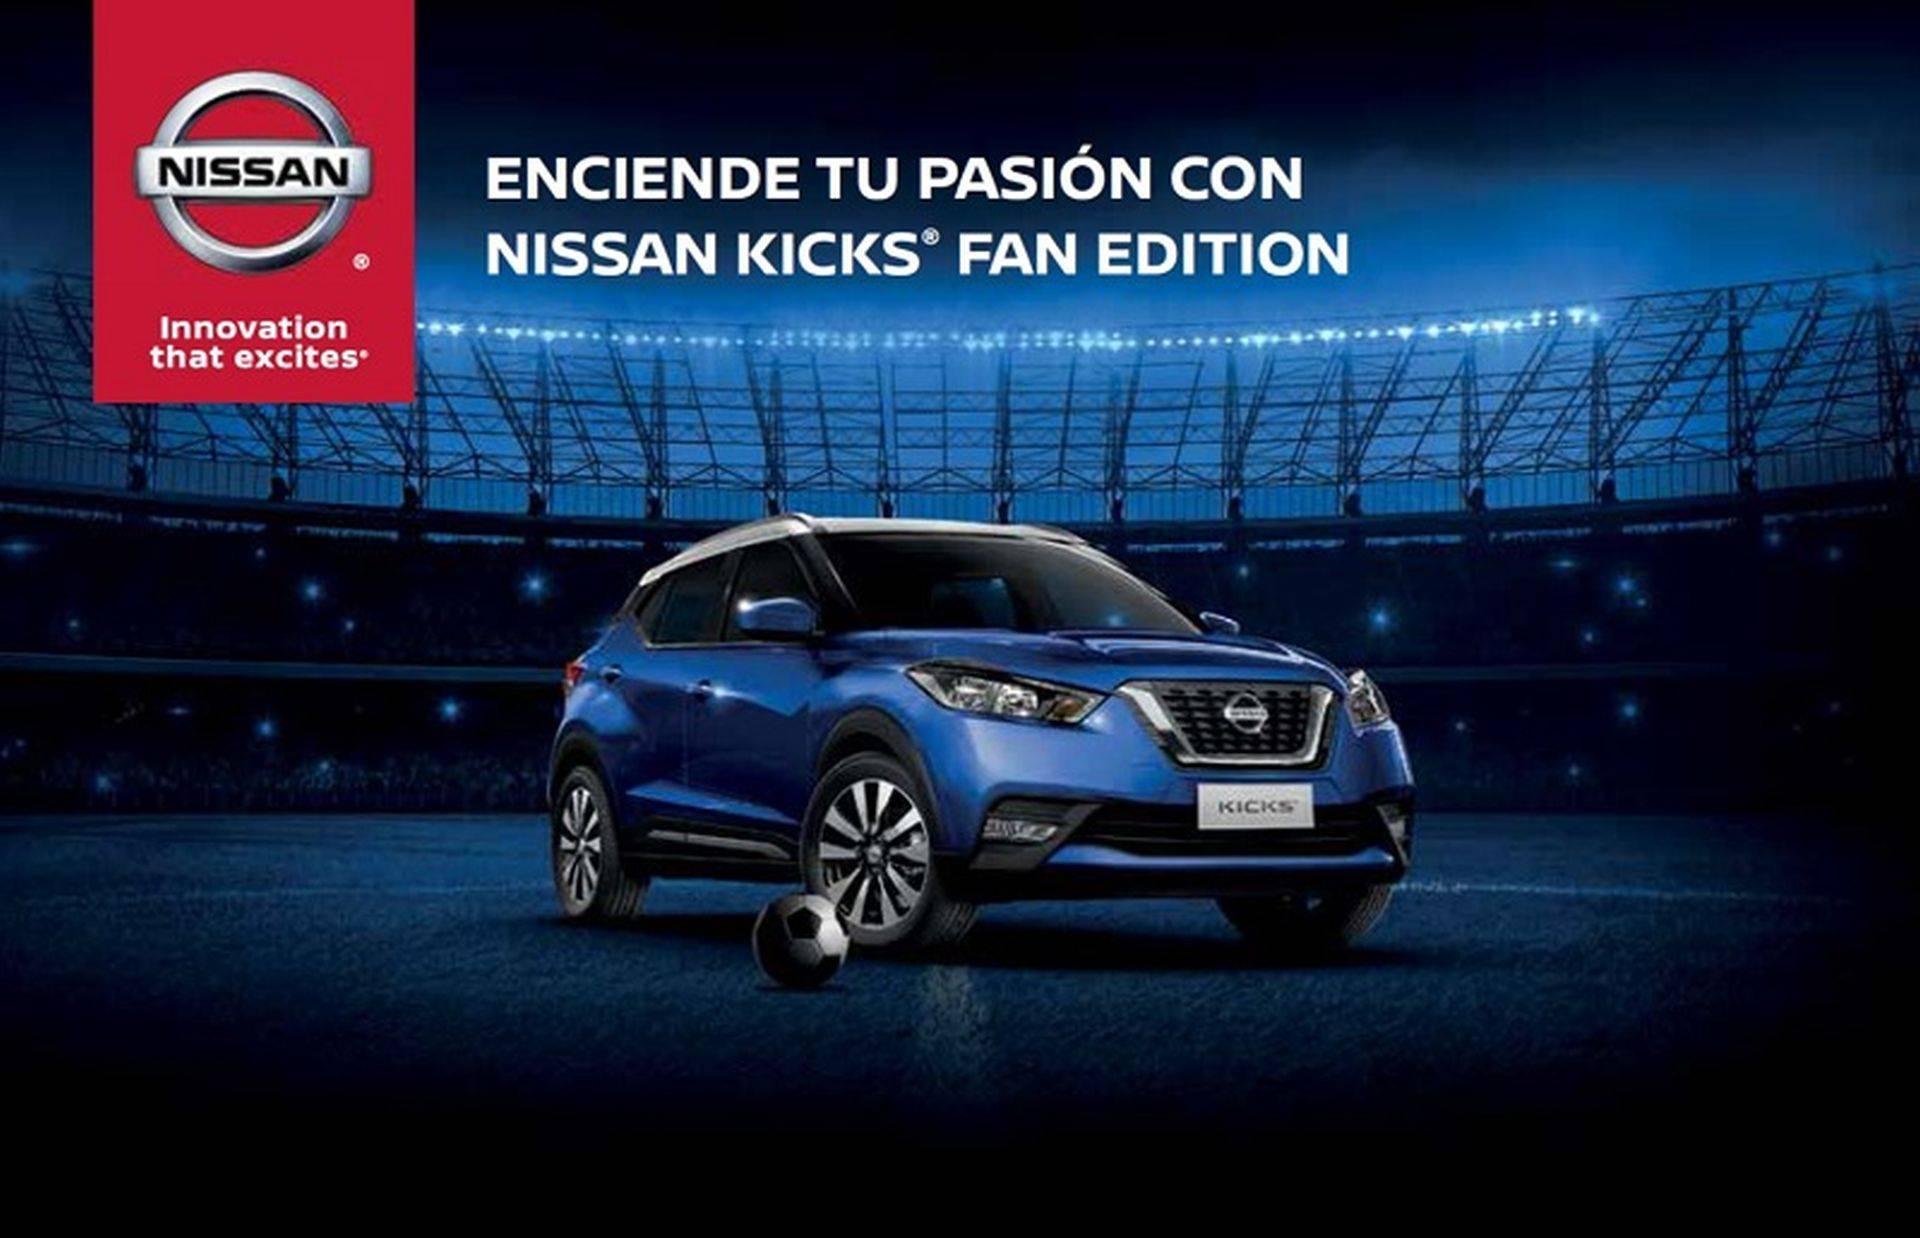 Una nueva edicin especial del Nissan Kicks llega a Mxico